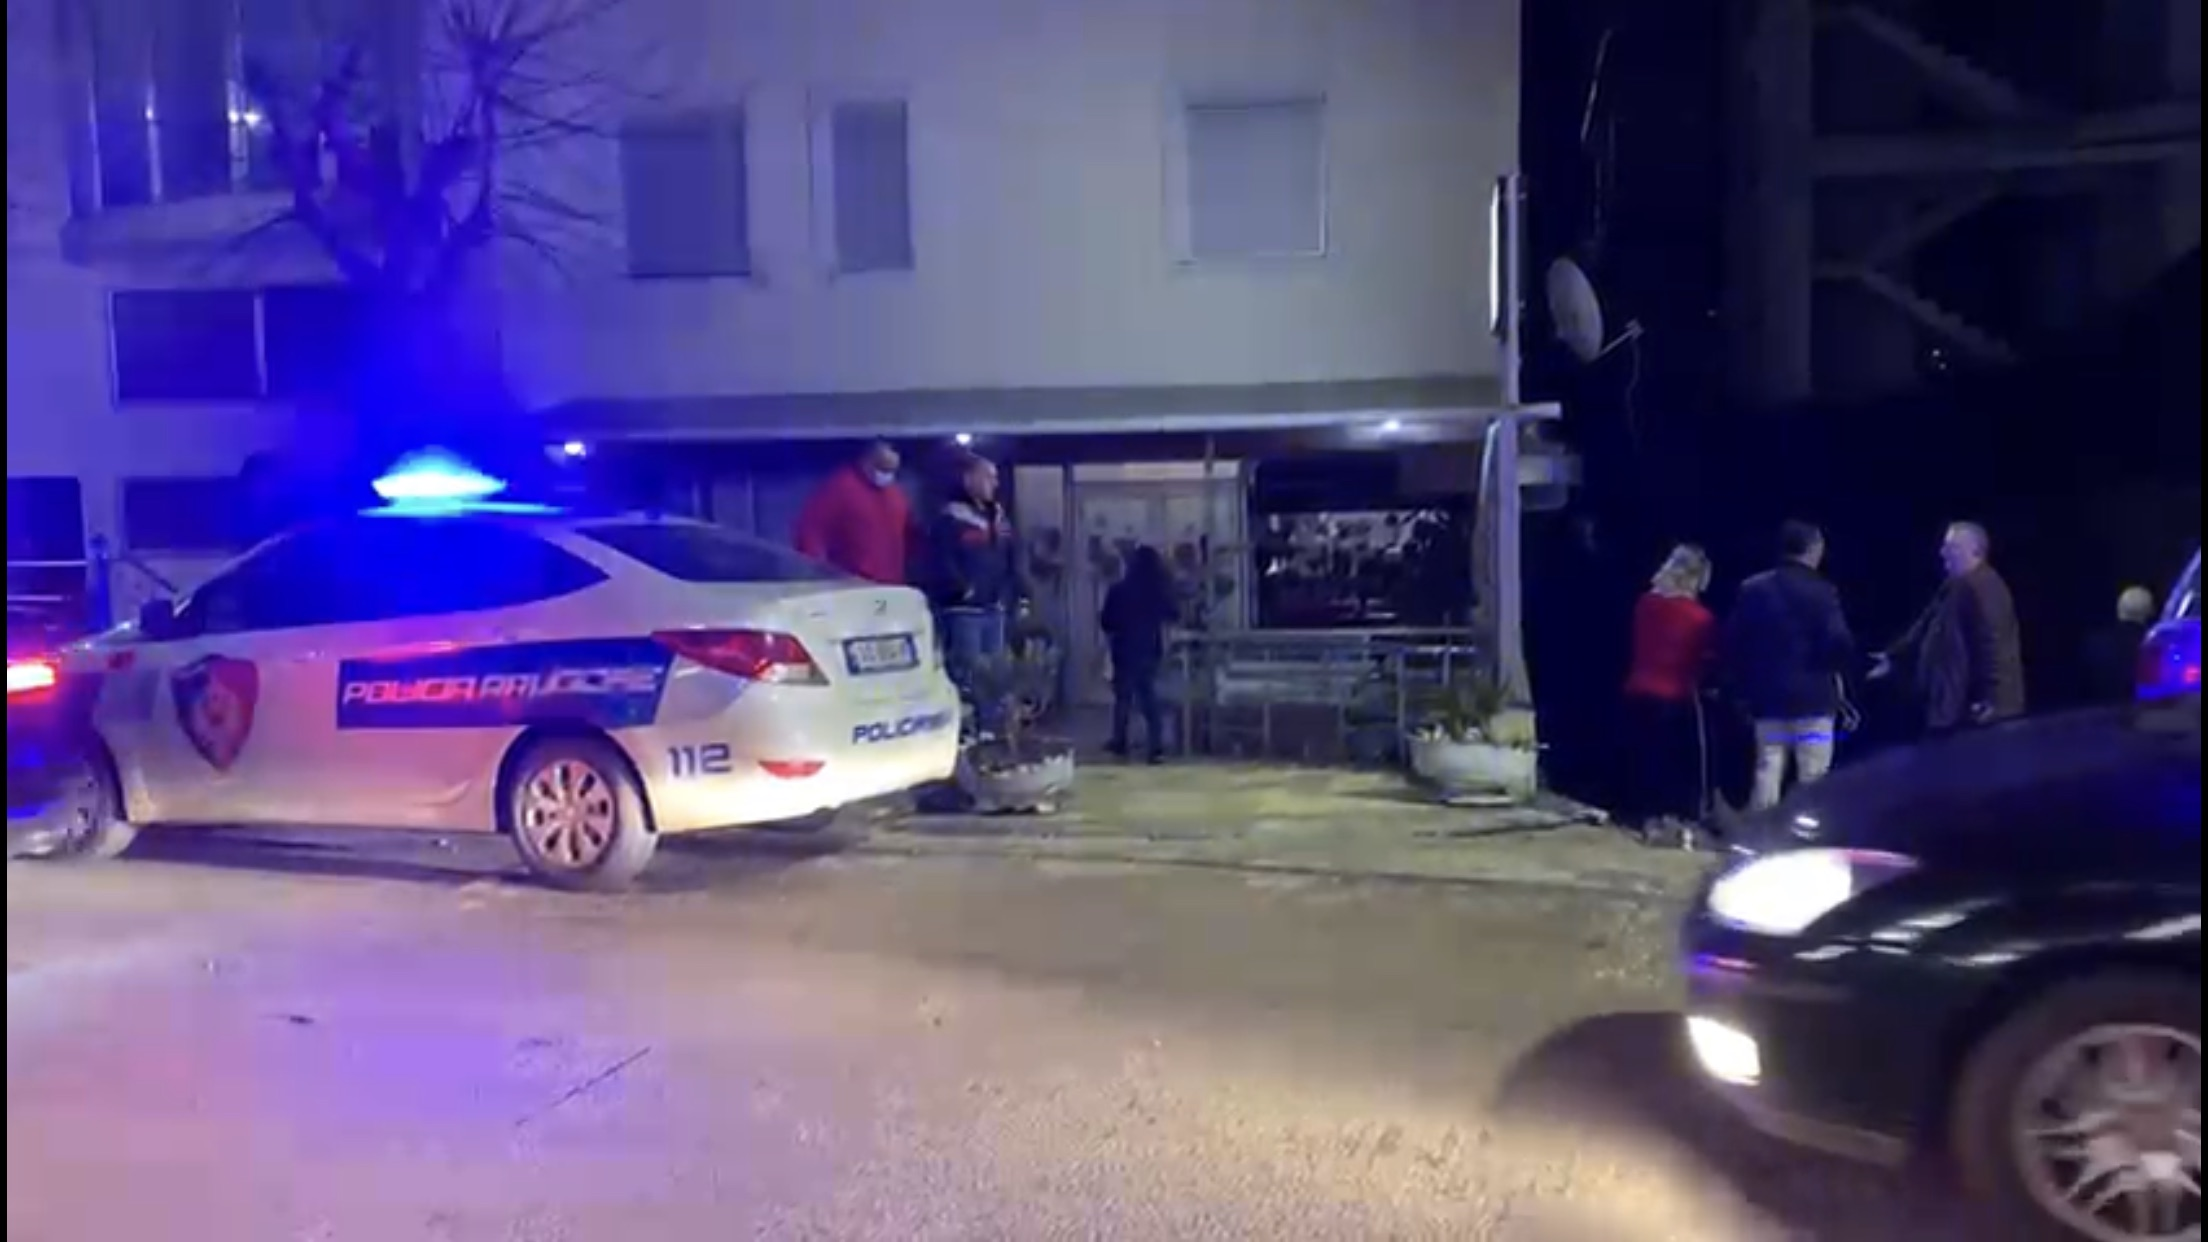 Sherr në Vlorë, ndërtuesi goditet me sende të forta në kokë (EMRI)